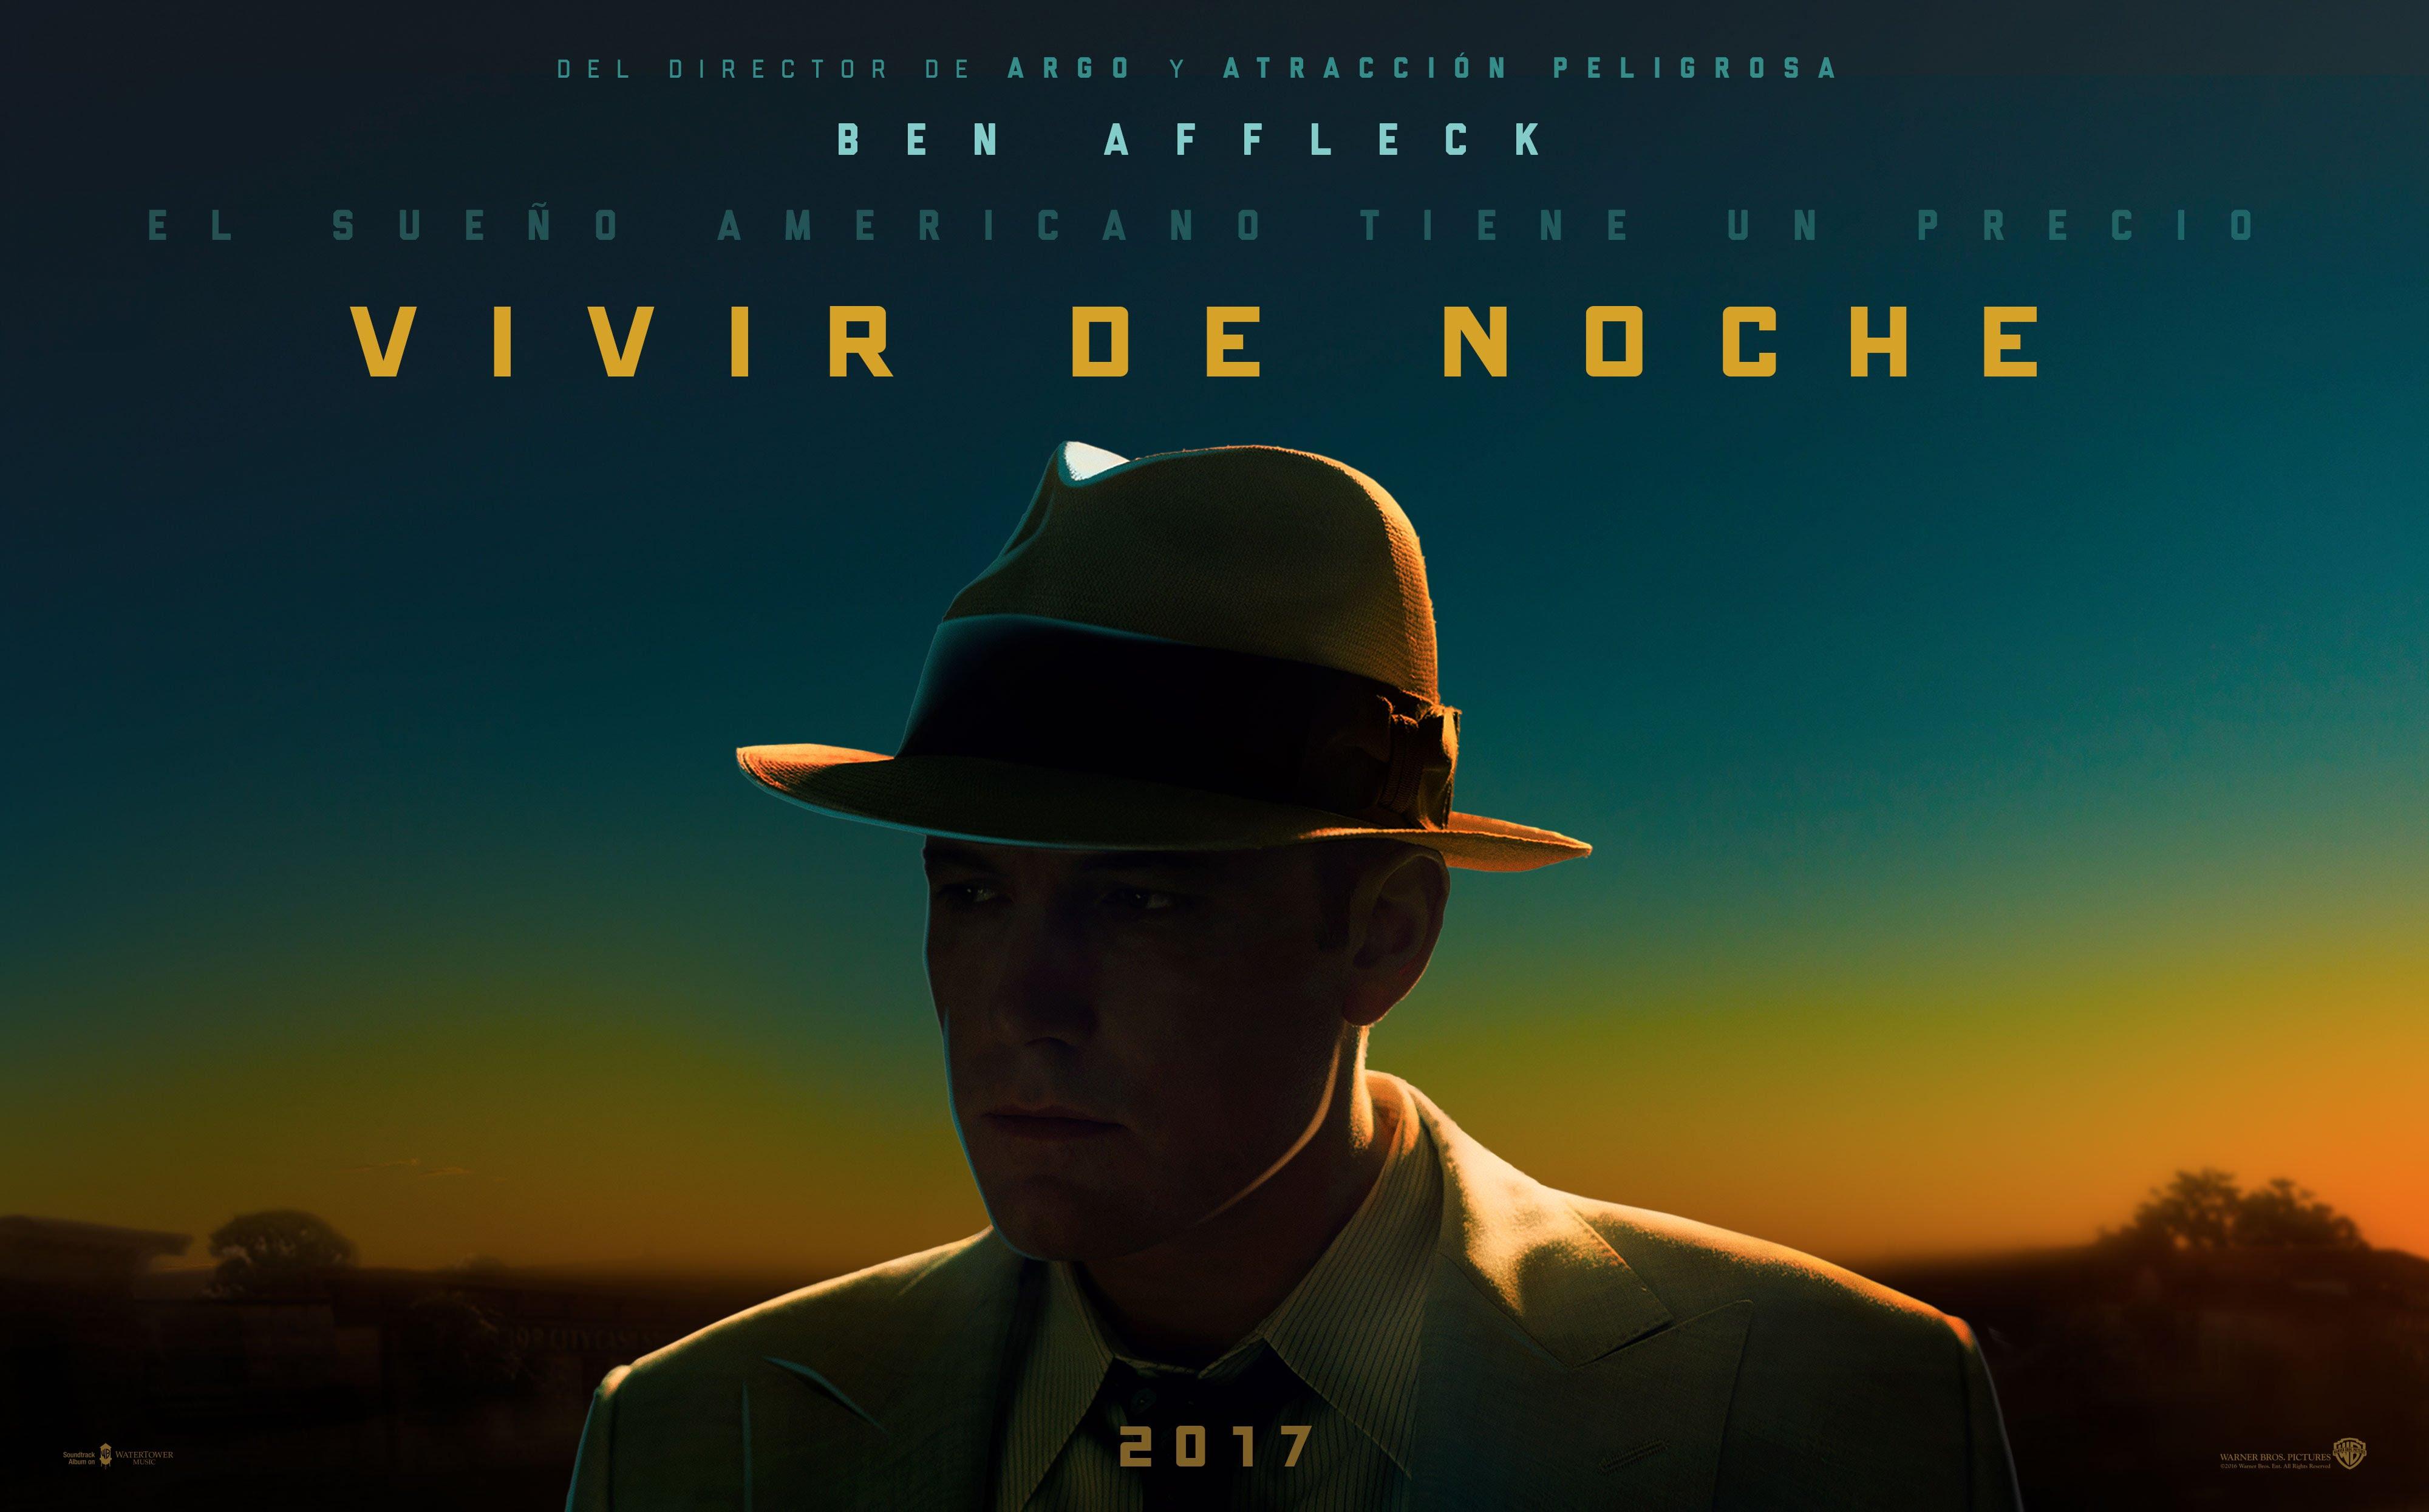 Próximo estreno: Vivir de noche